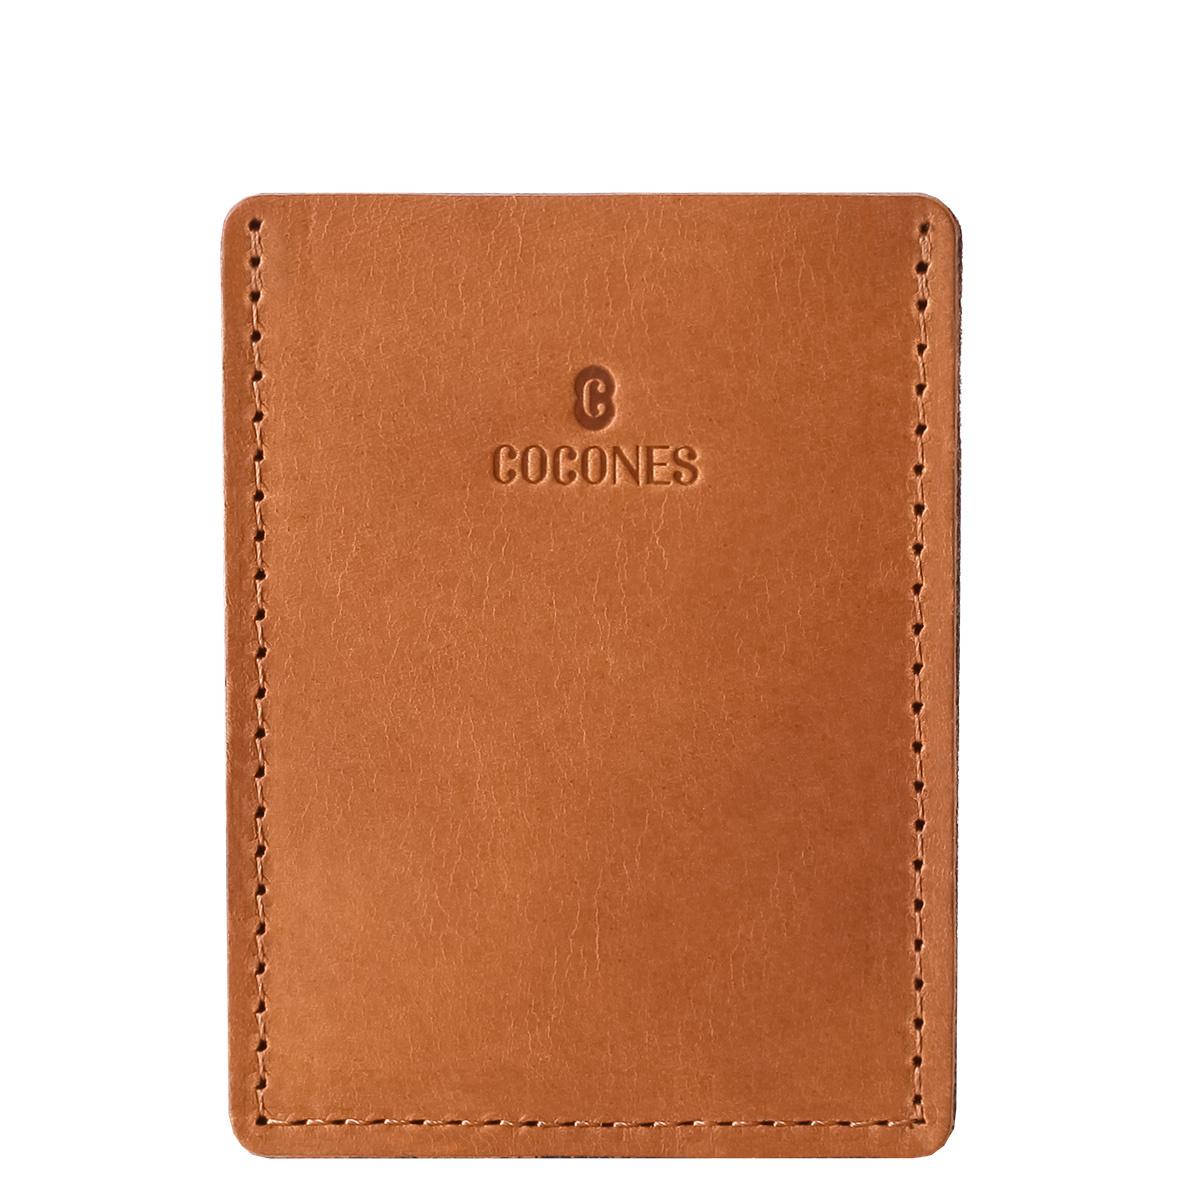 Card Wallet - Brown